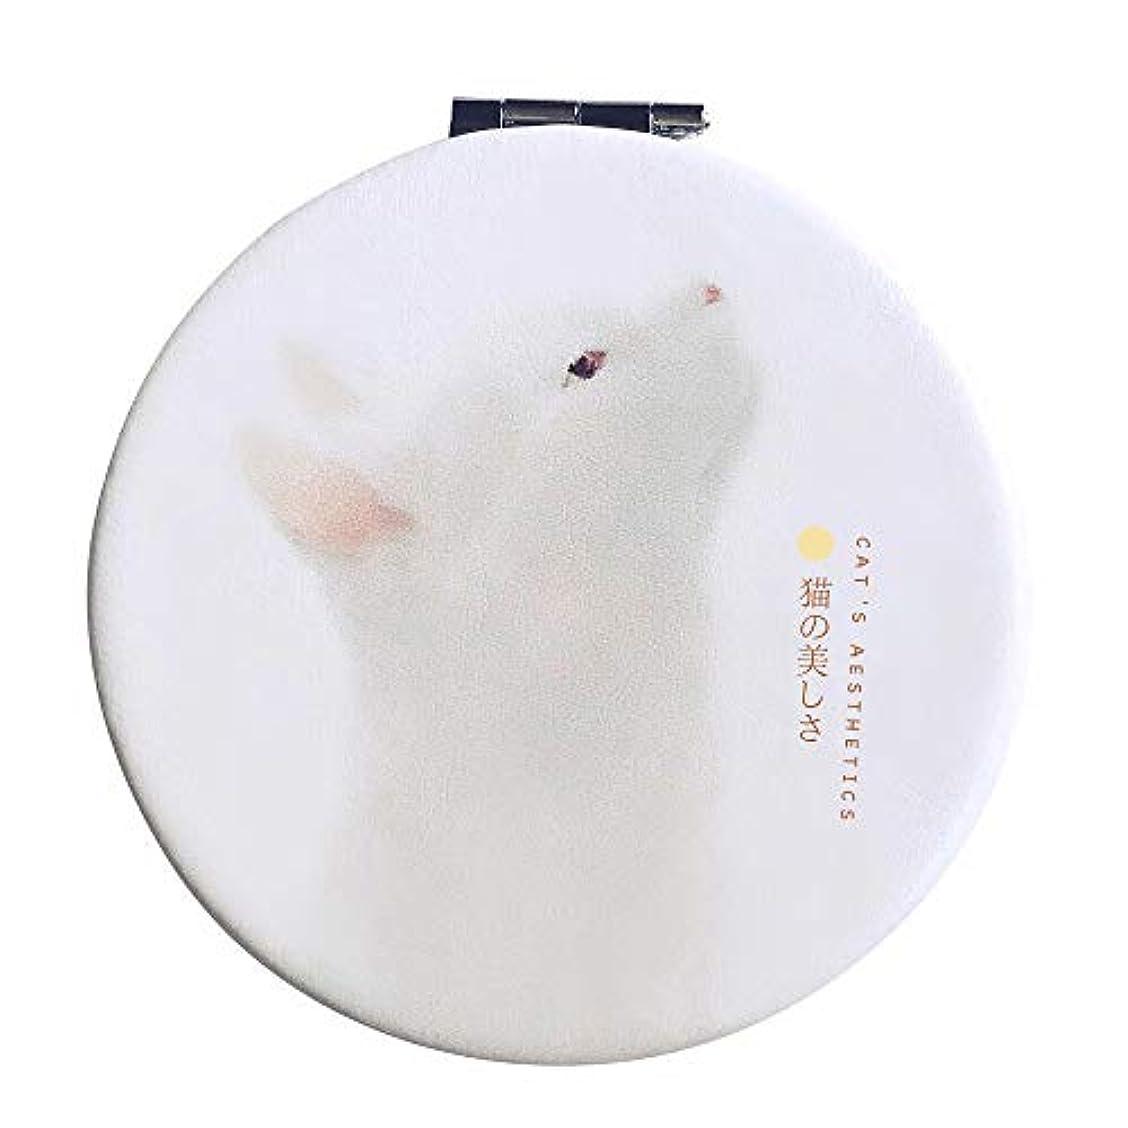 所持装備するプリーツコンパクトミラー 手鏡 折りたたみ 割れない 3倍拡大鏡付き 猫 丸型